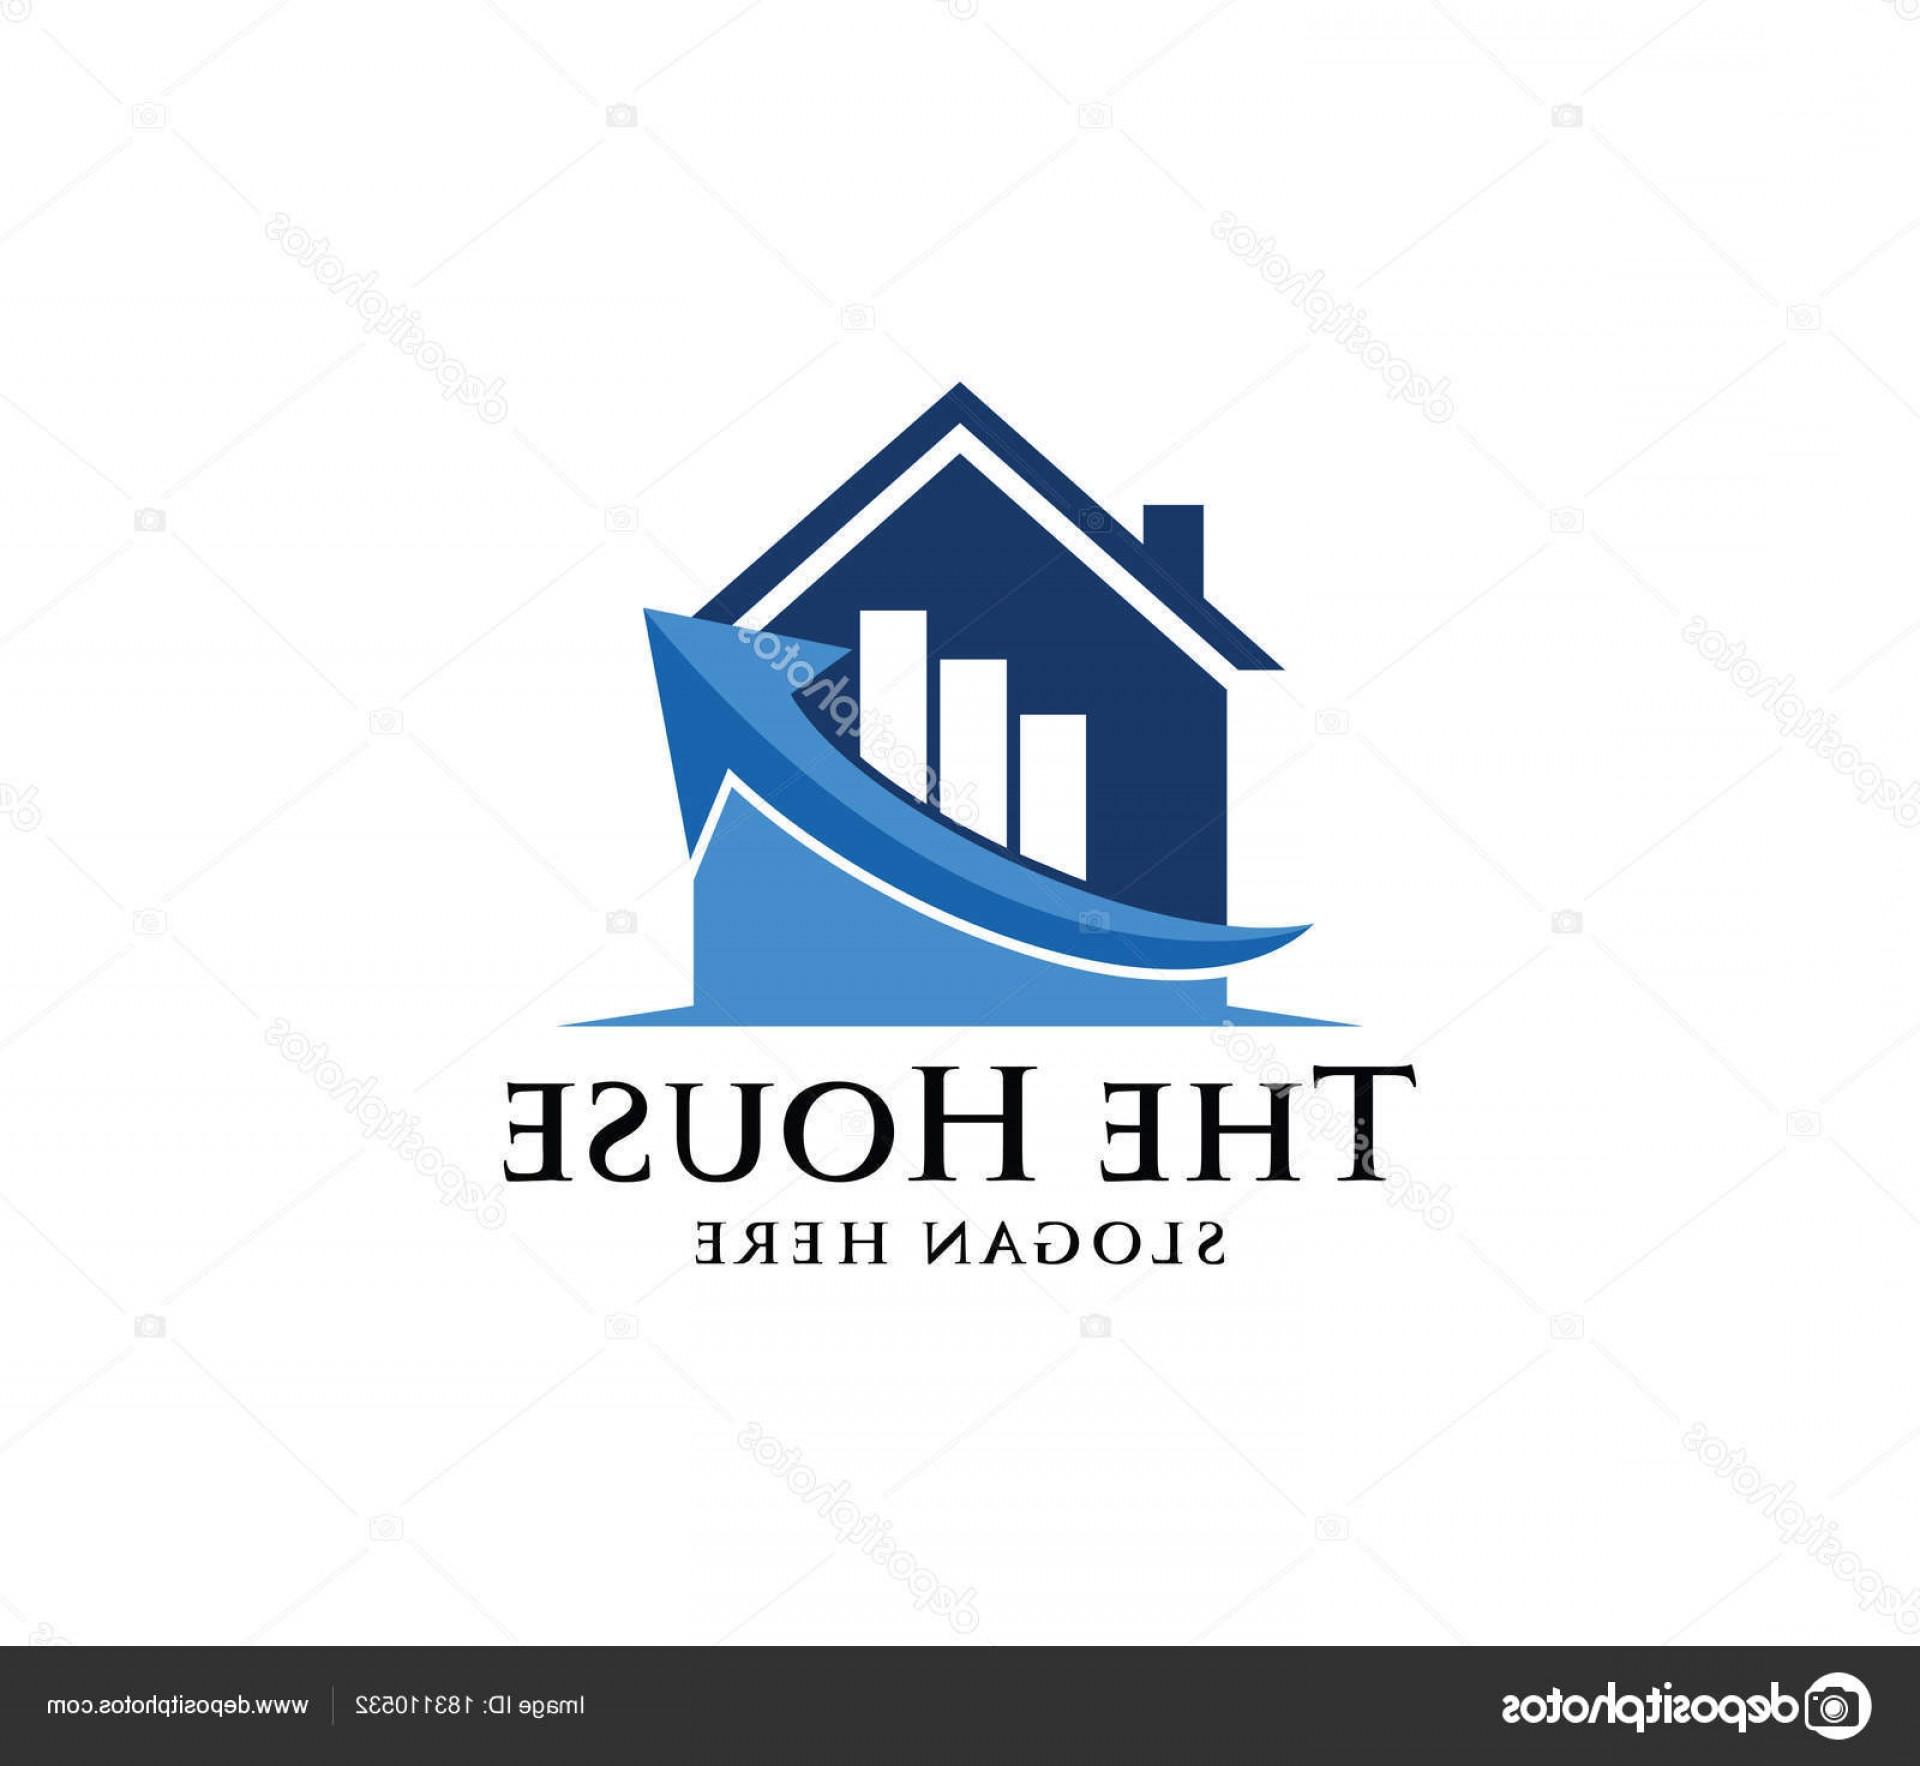 1920x1766 Stock Illustration Vector Logo Design House Home Shopatcloth